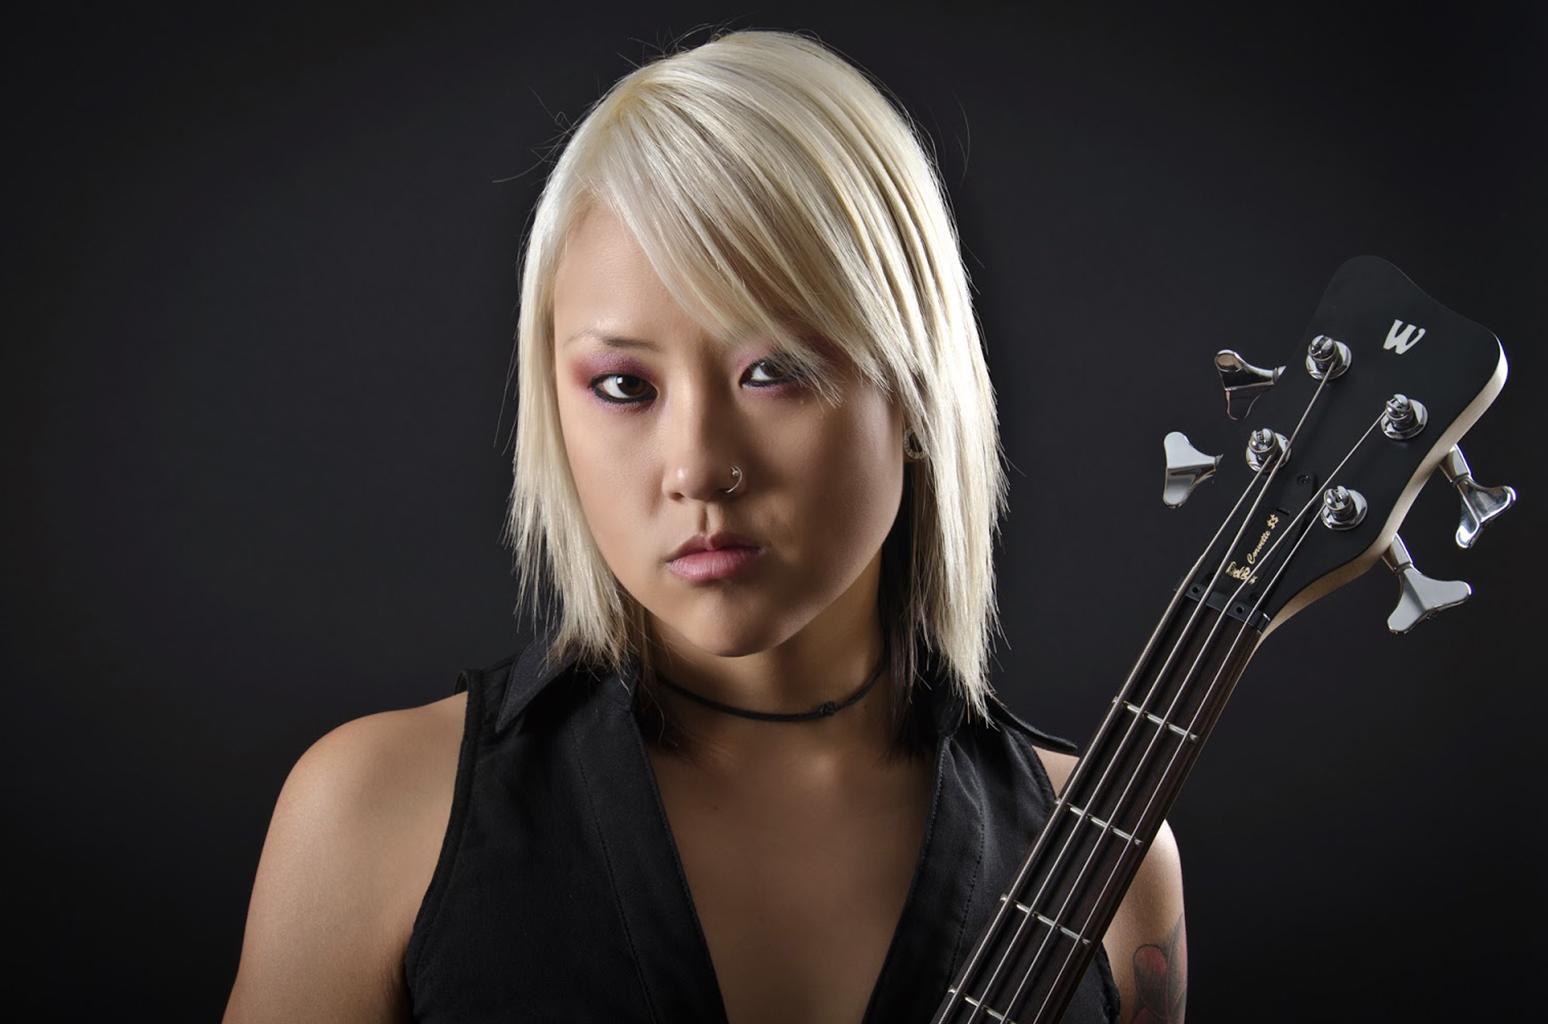 Trish Doan (Kittie) február 13.<br /><br />A 31 éves dél-koreai születésű basszusgitáros nem tisztázott körülmények között halt meg még február közepén. A korábban anorexiával és depresszióval is küzdő zenész 2012 óta erősítette újra a Kittie sorait.